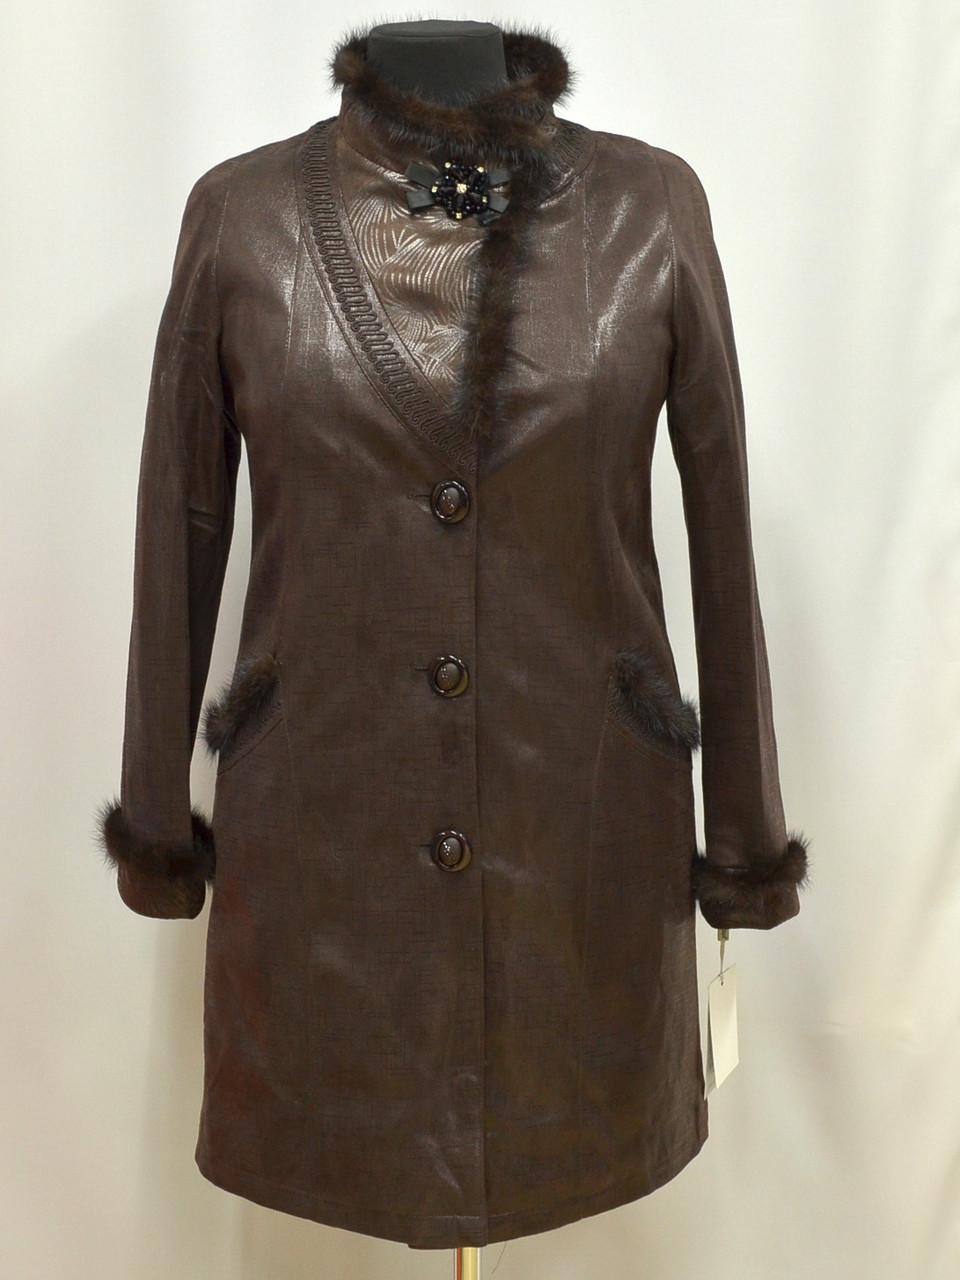 Элегантное полупальто из лазерного спандекса Леди Шарм с норкой 12585  50  коричневый